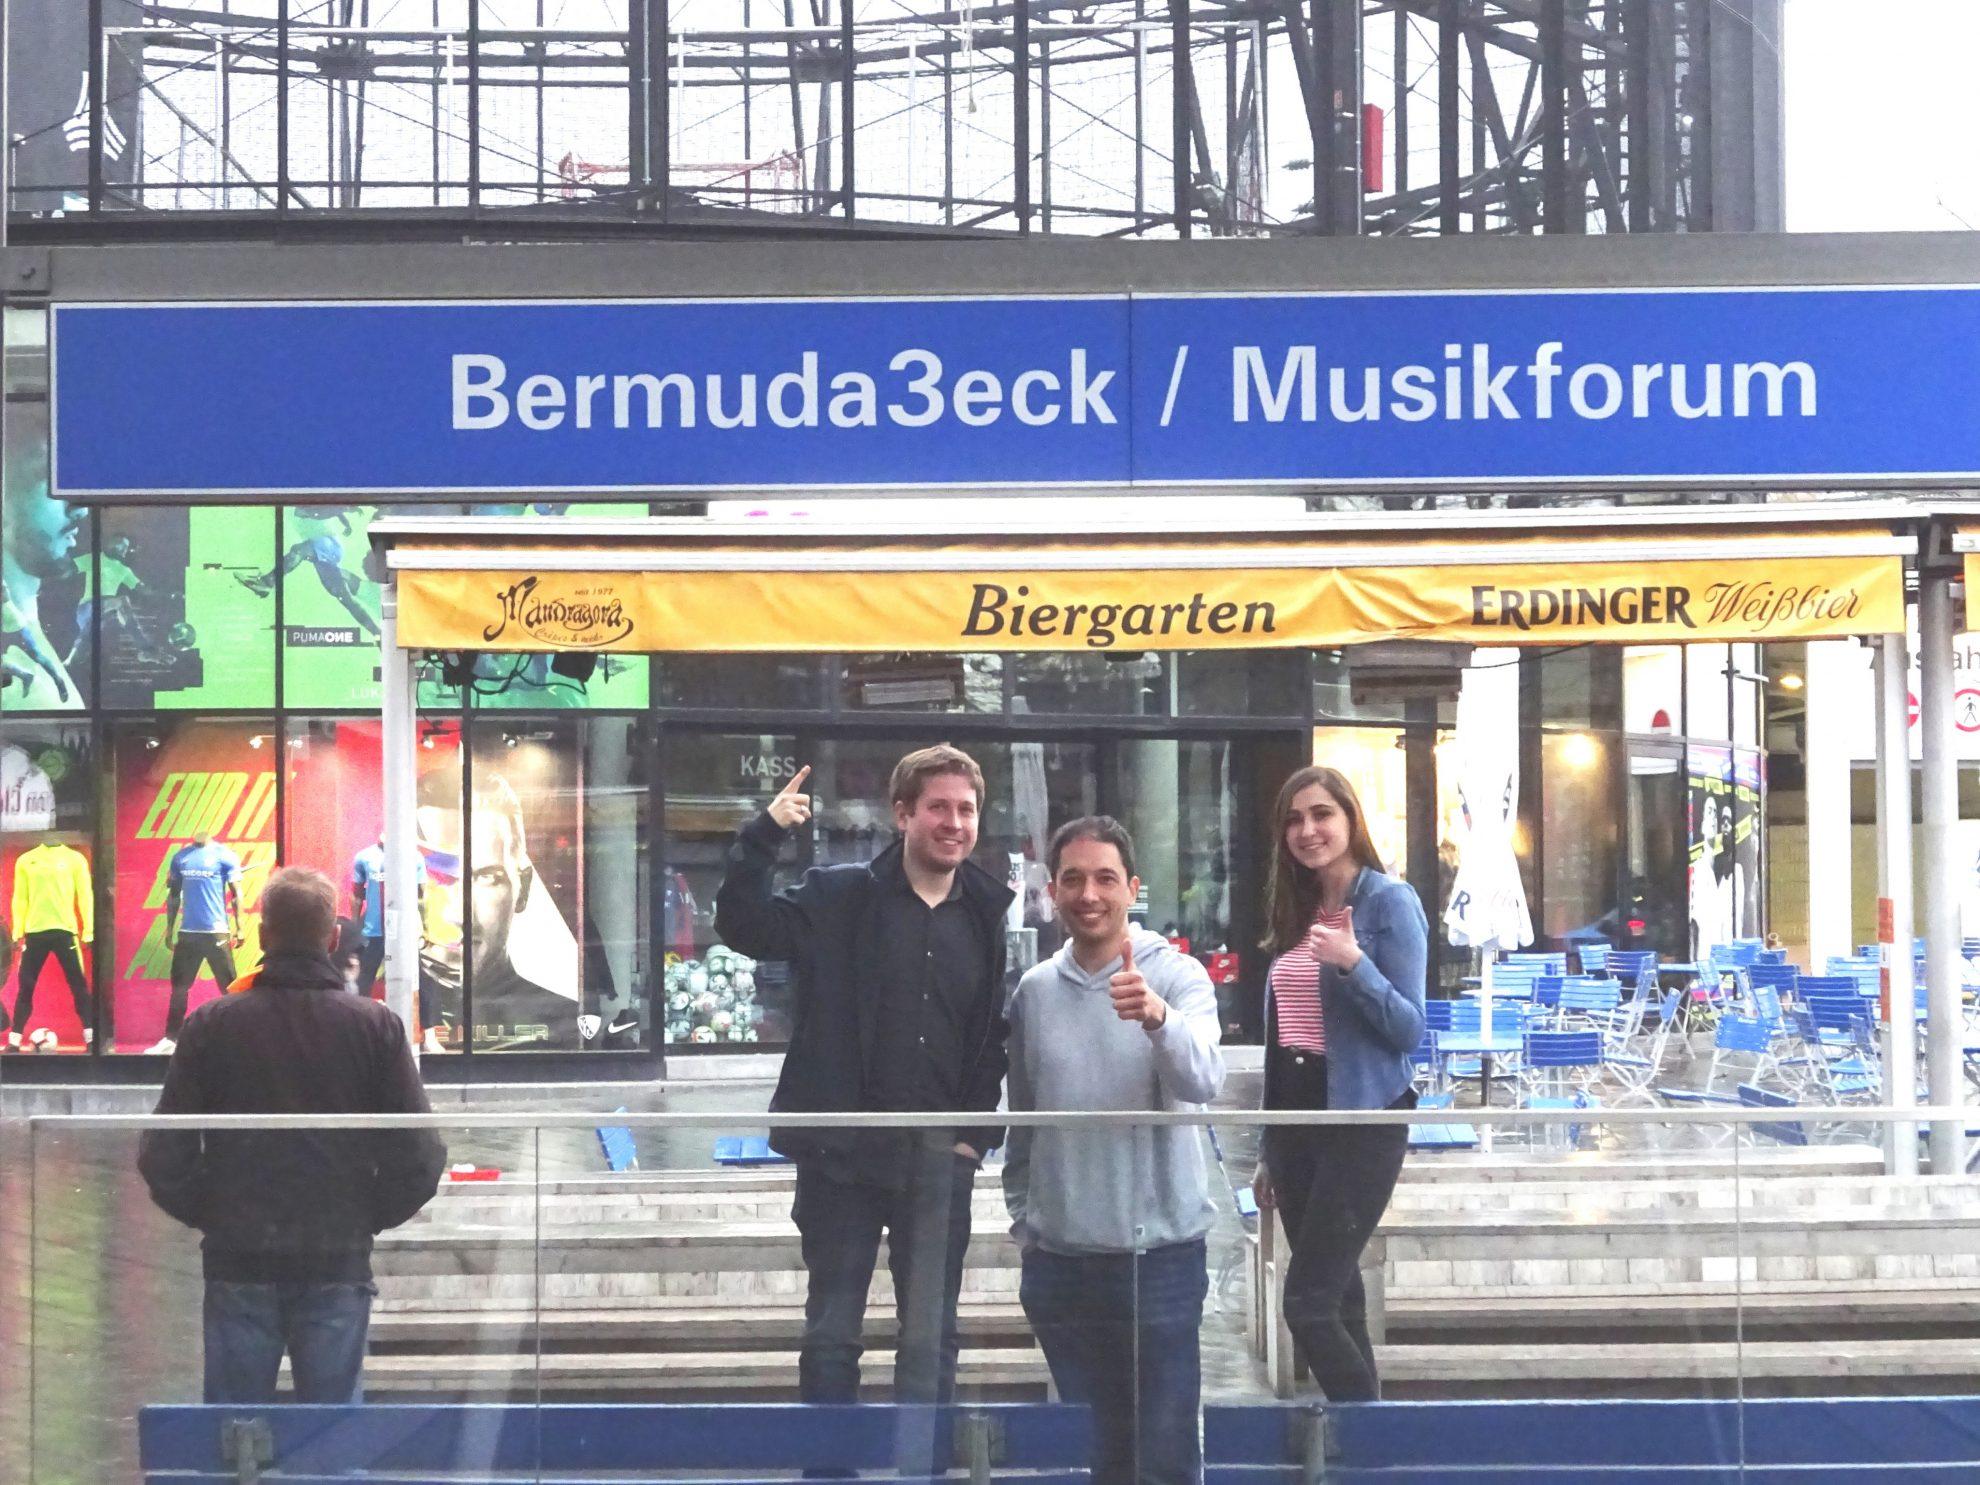 Kevin Kühnert, Oliver Basu Mallick und Jasmin Delvaux im Bermuda3eck Bochum